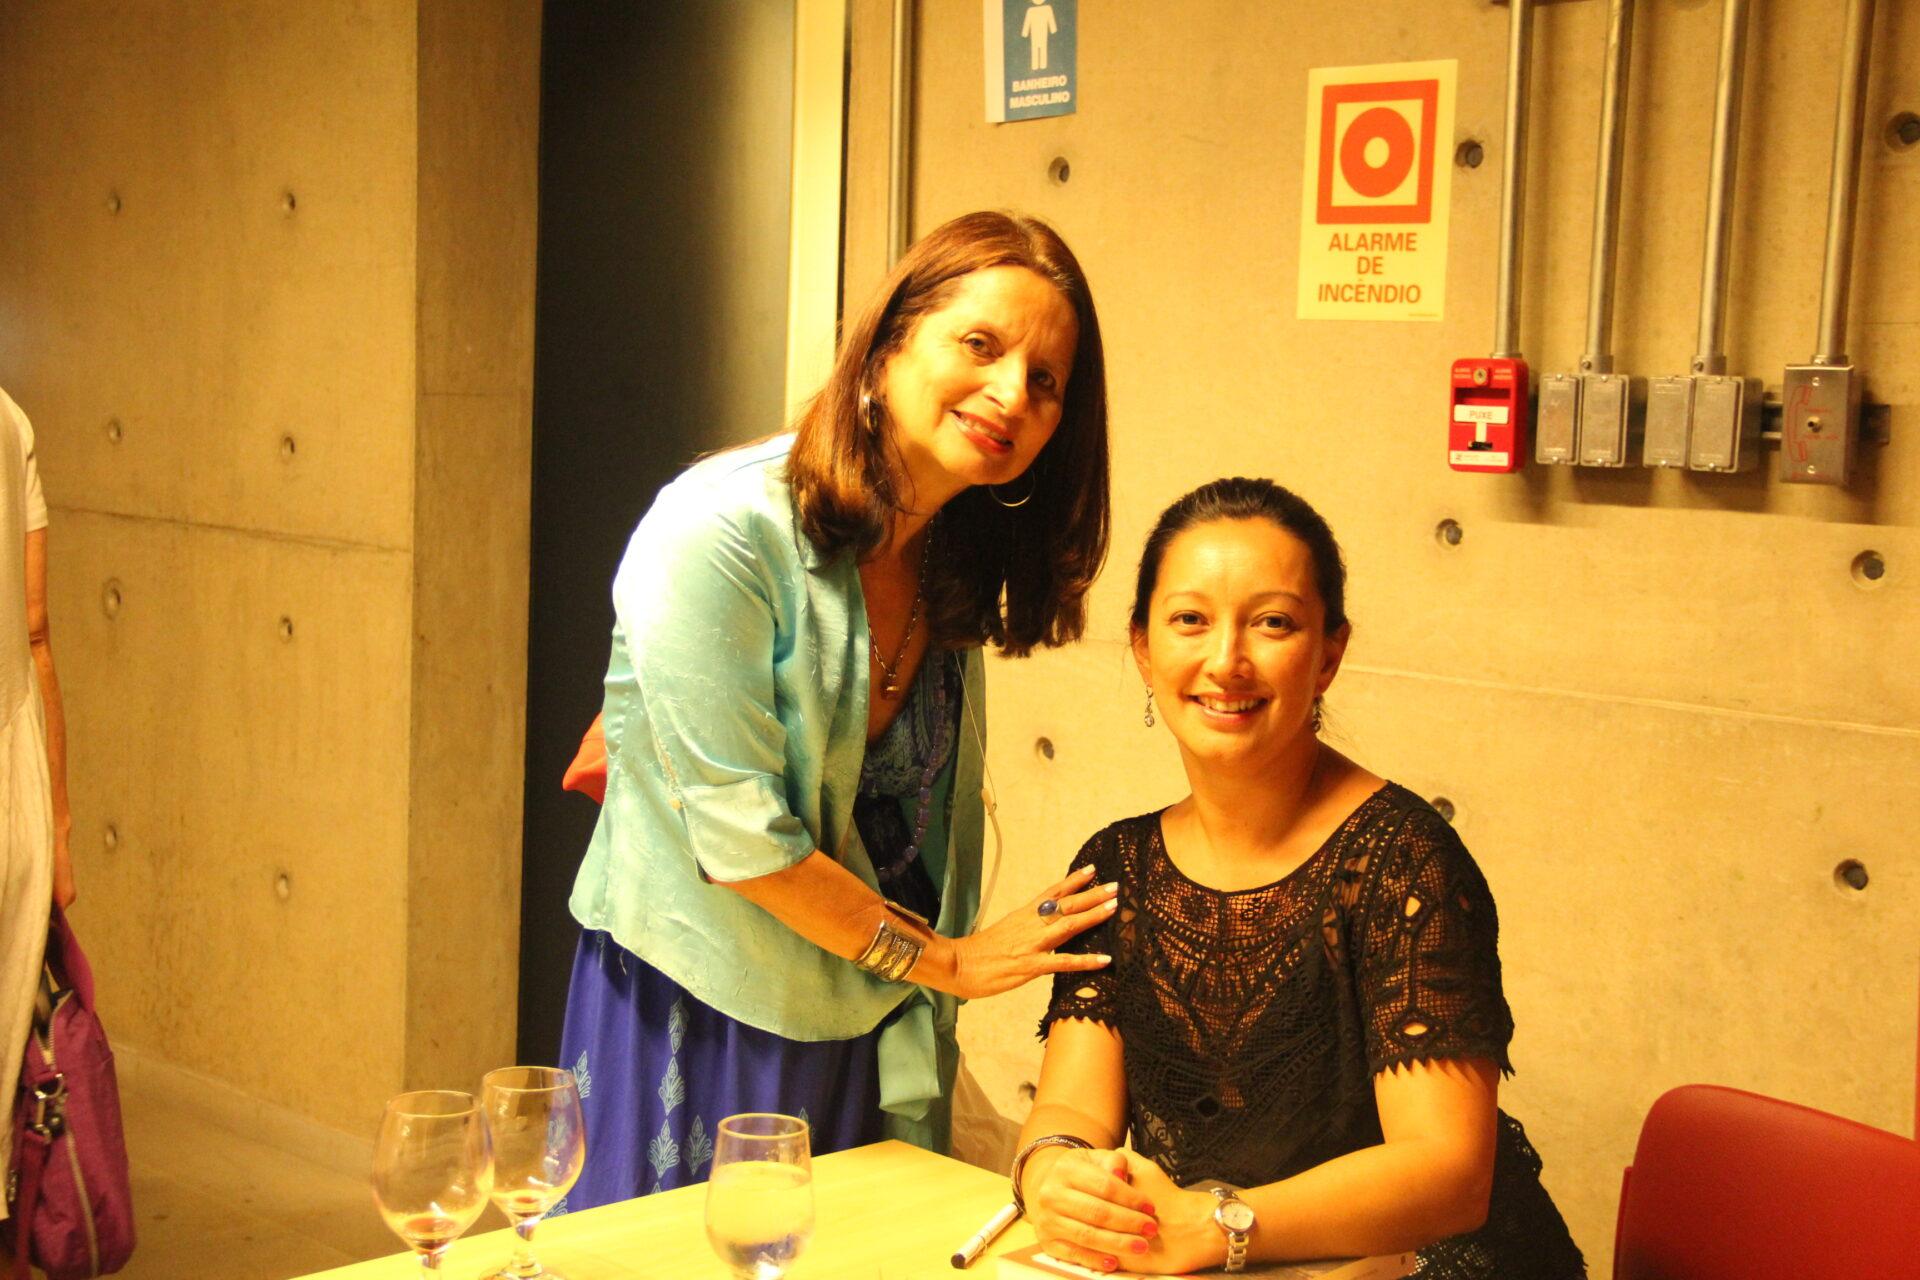 Lançamento da revista Livro N. 04 com  Ana Luiza Martins (esq.) e Marisa Midori.